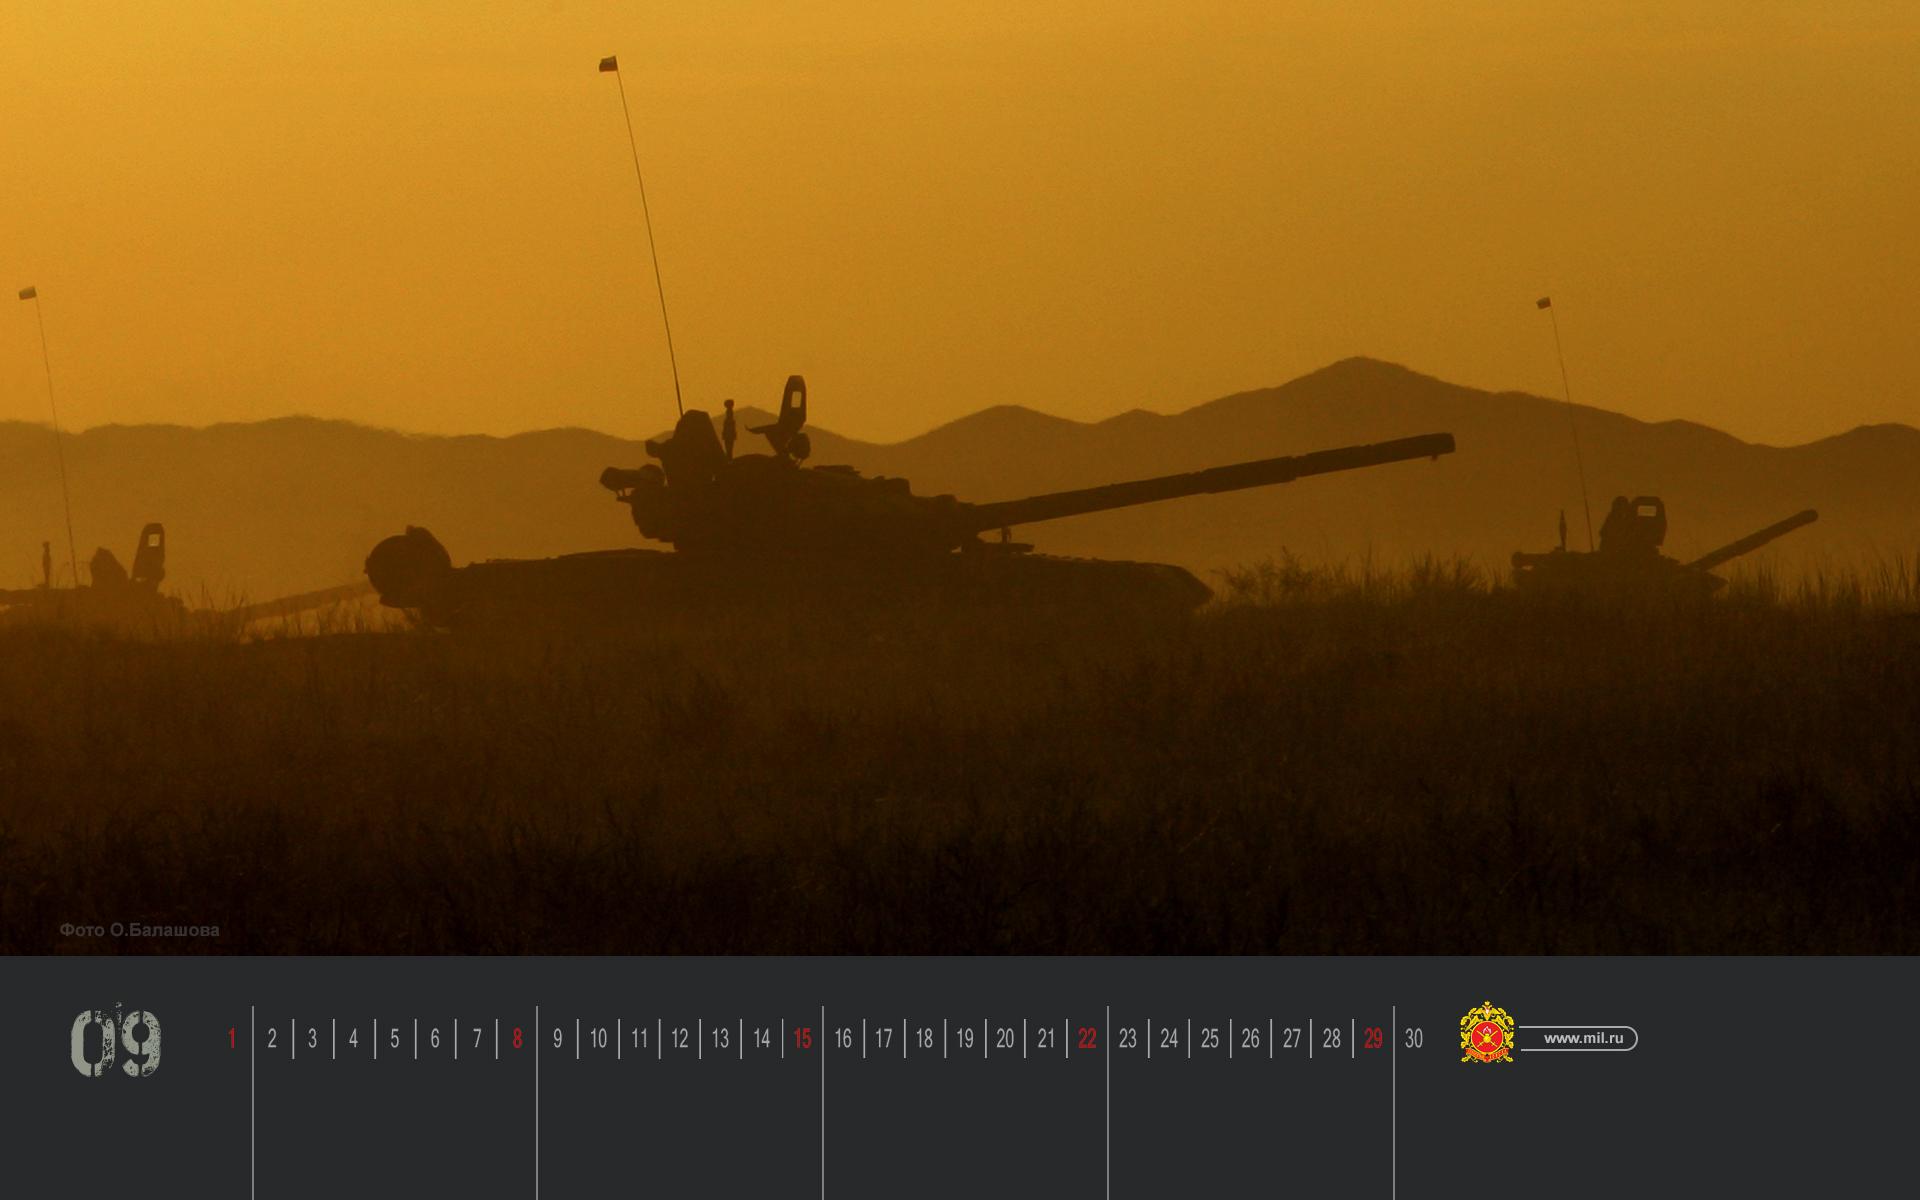 El nuevo ejército ruso... - Página 2 0_86dc9_cbdd7c7b_orig